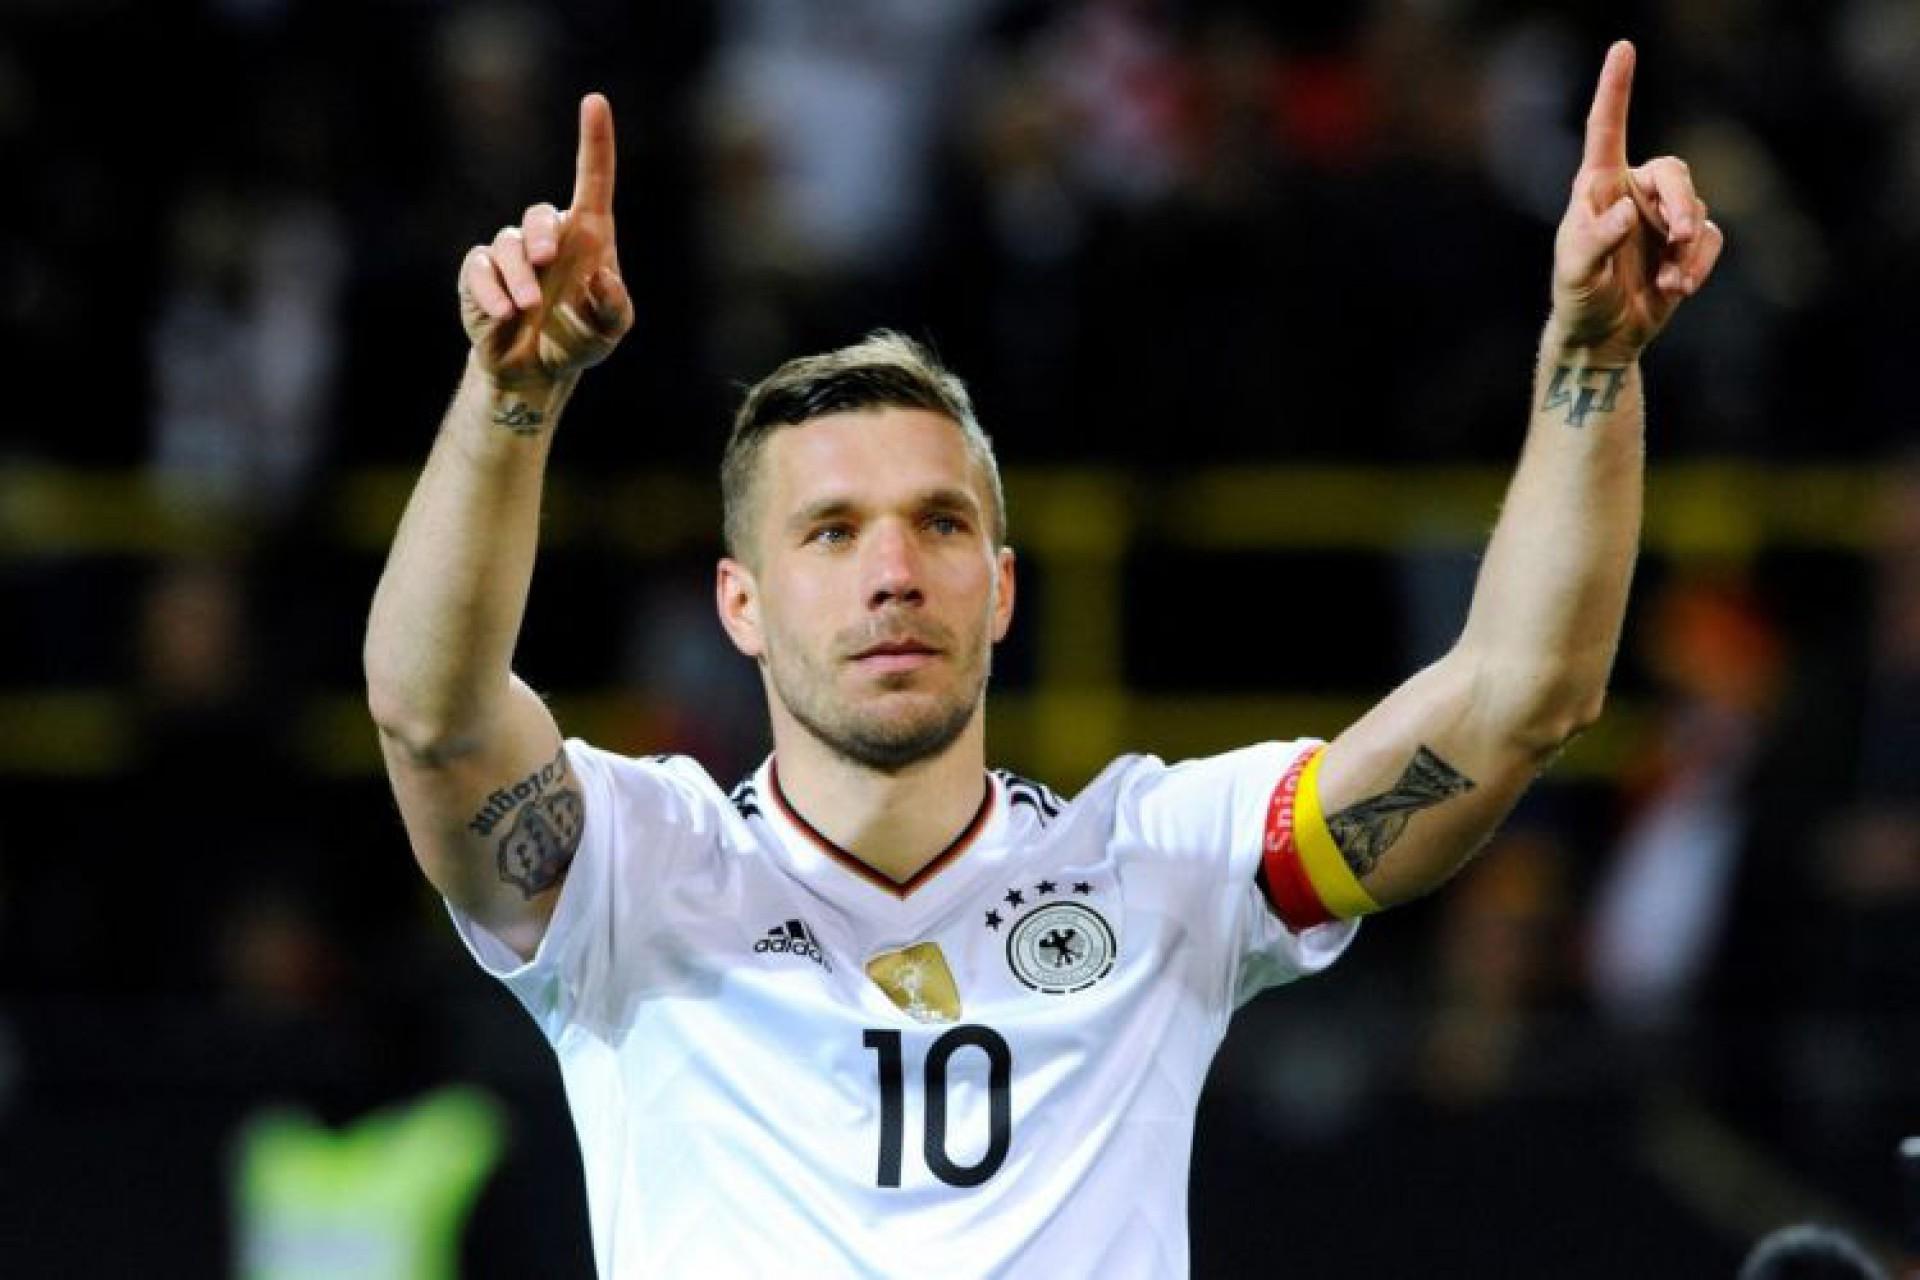 Especulado no Fortaleza, o atacante alemão Lukas Podolski sugere acerto com o clube polonês Górnik Zabrze (Foto: AFP)